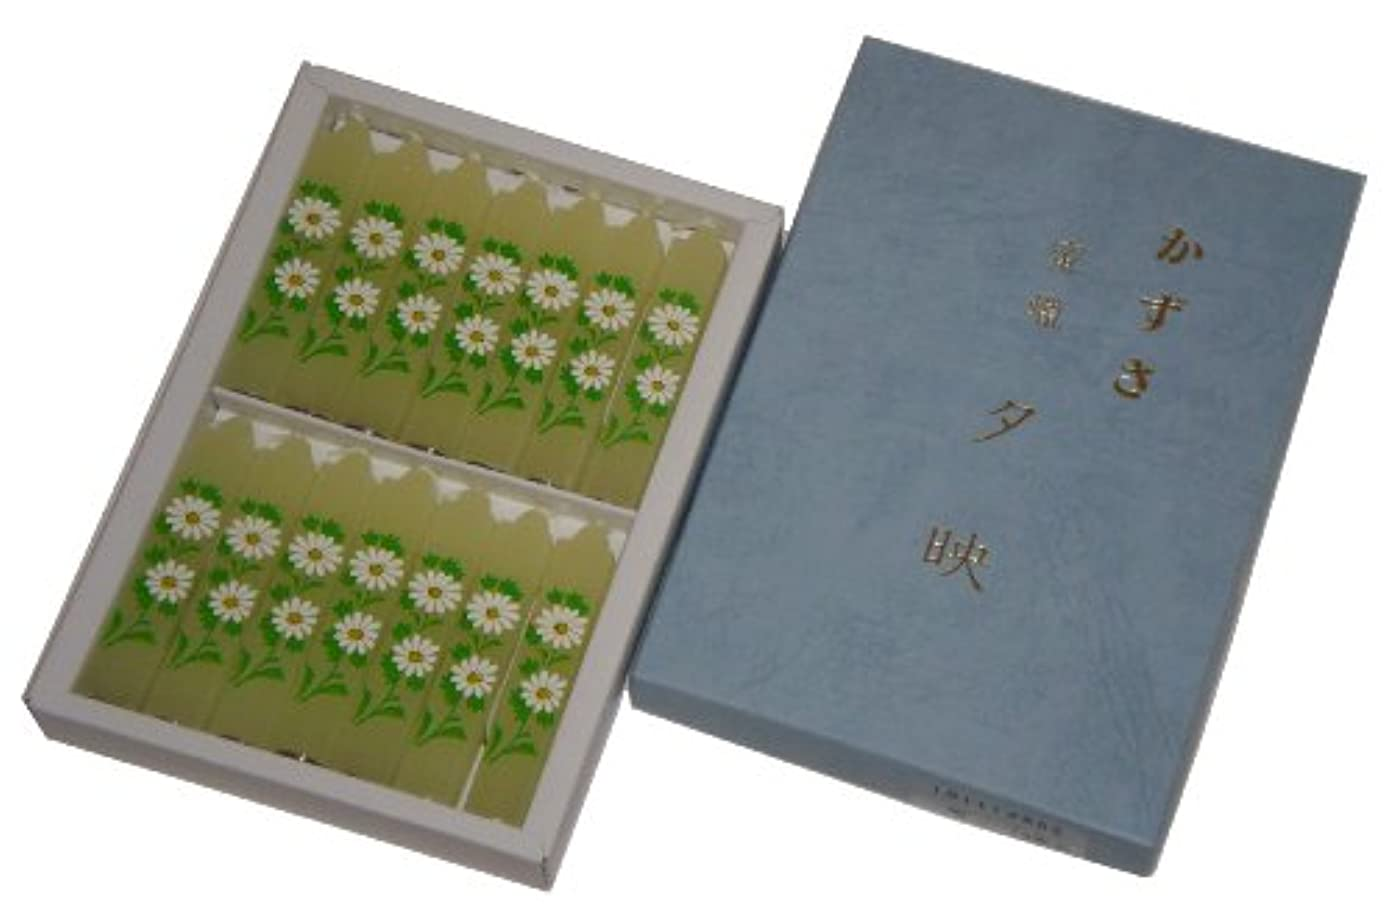 書誌クリエイティブ浅い鳥居のローソク 蜜蝋小夕映 菊 14本入 金具付 #100965